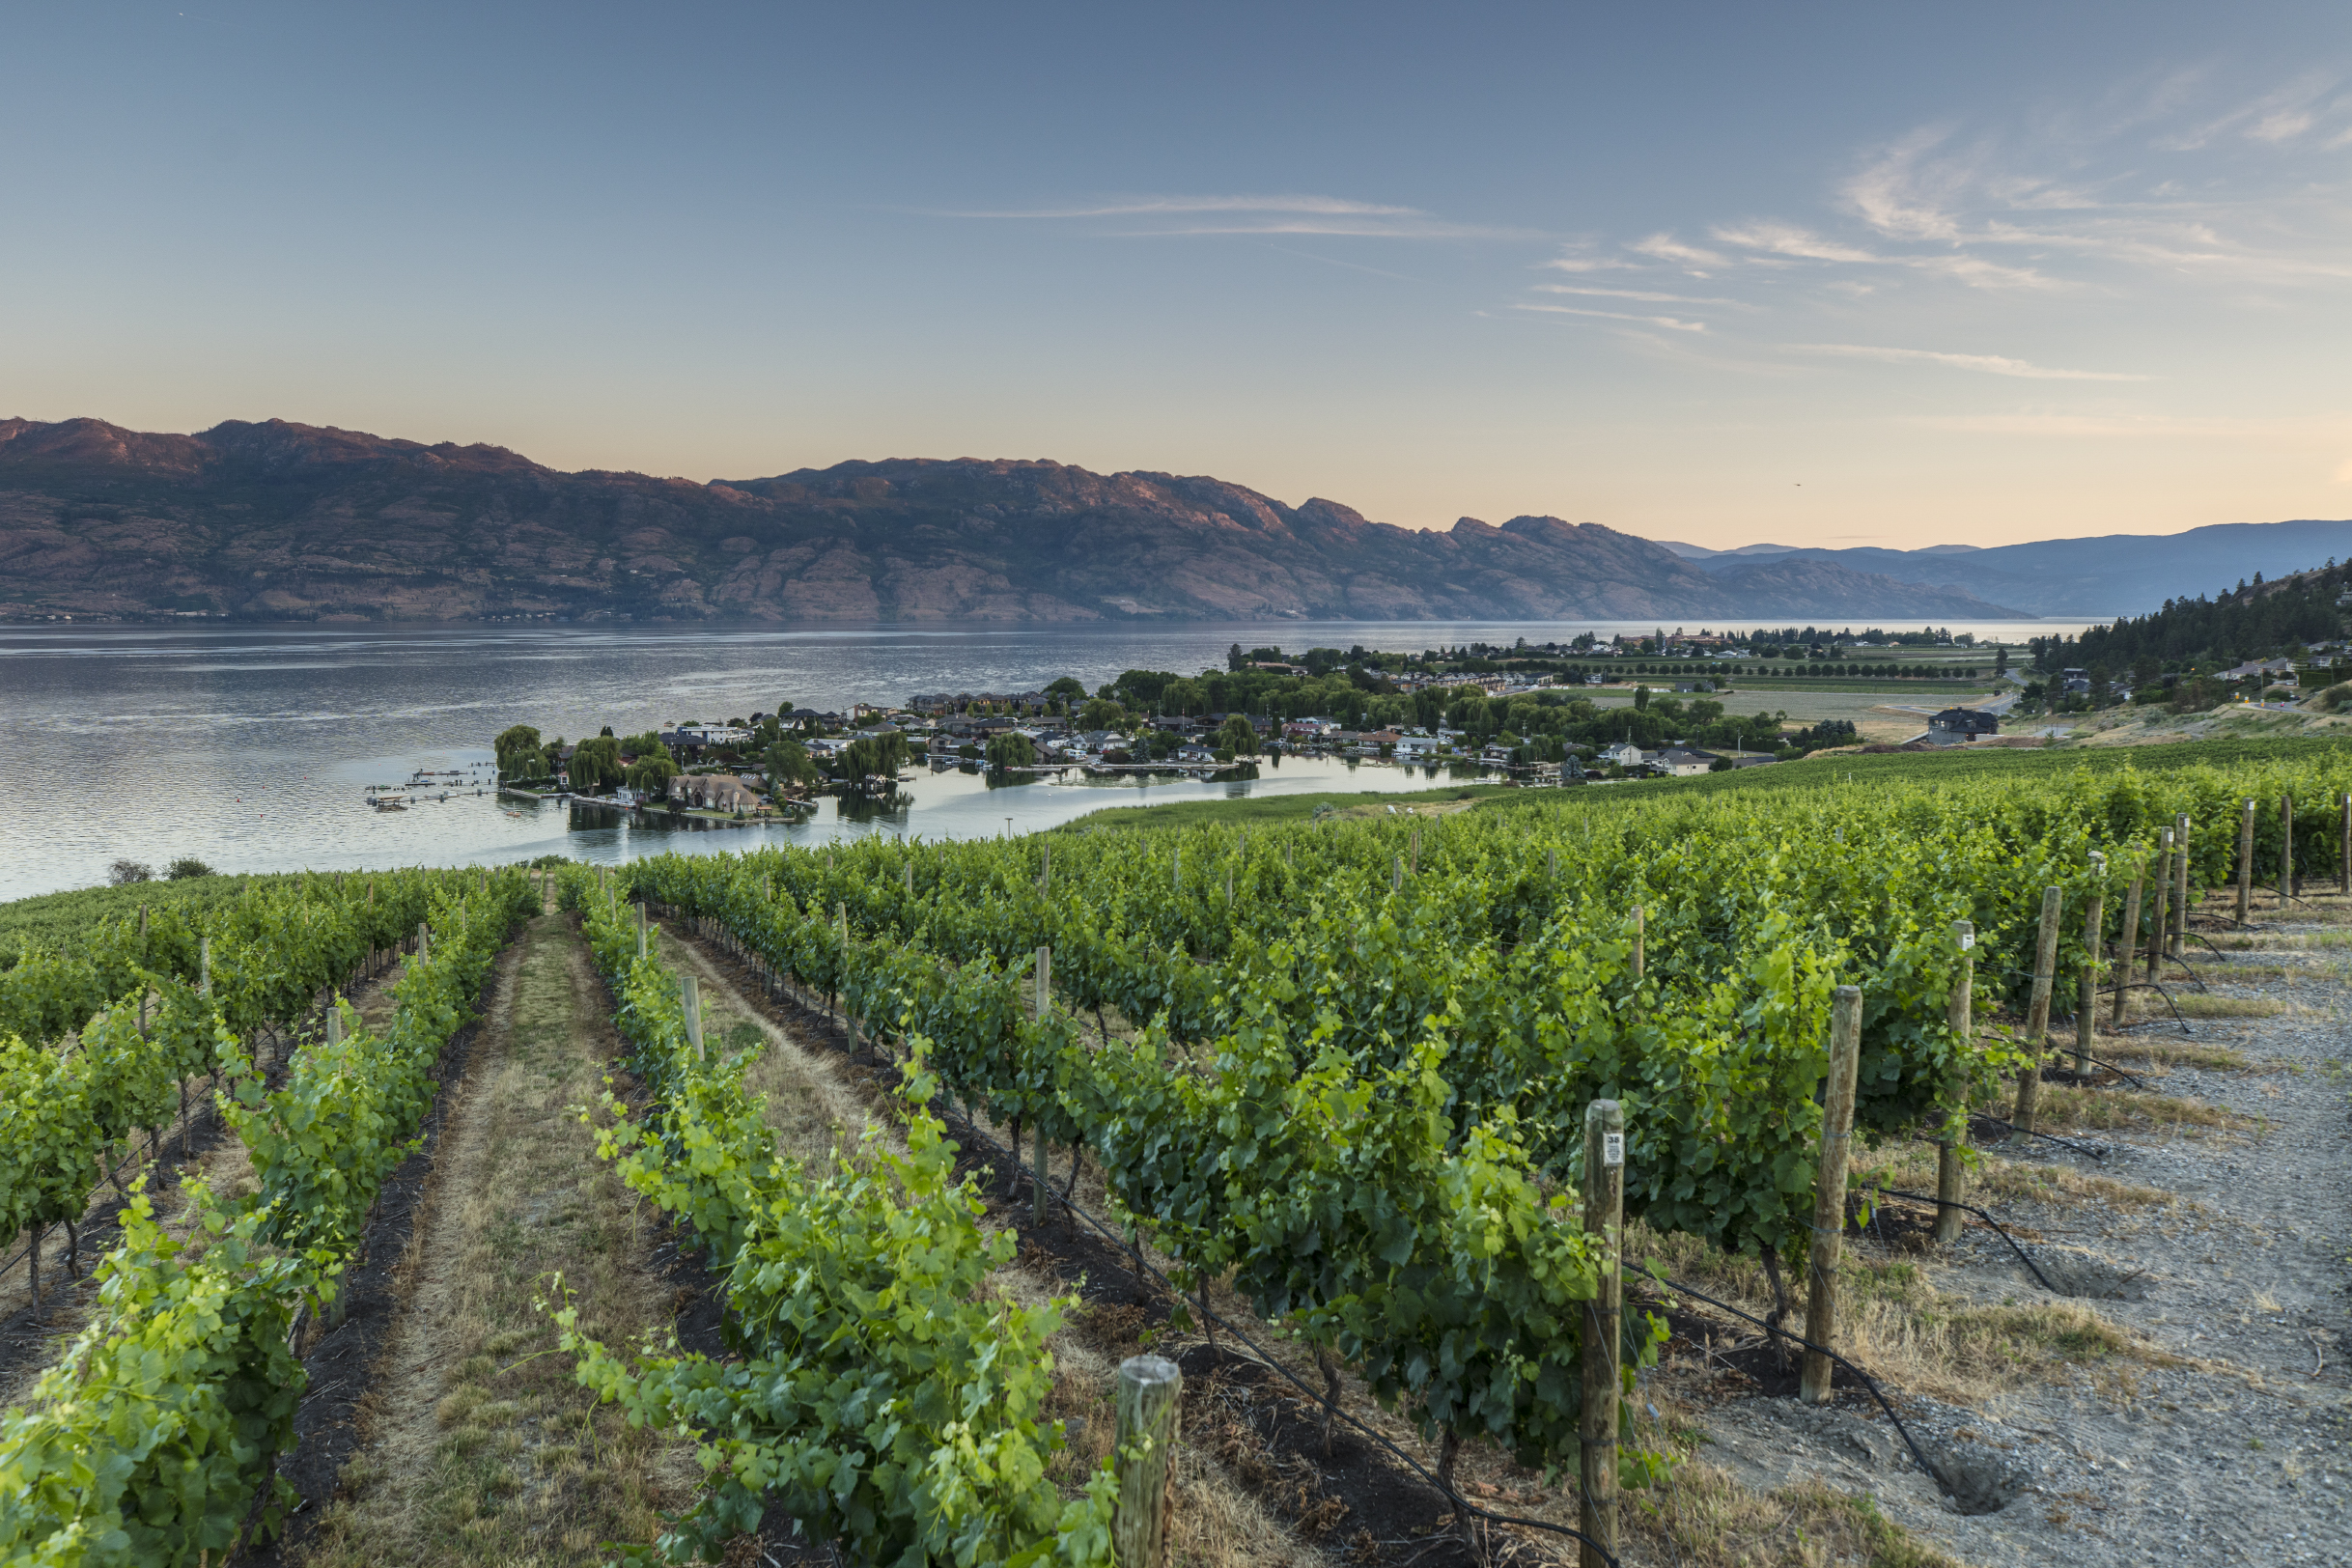 West Kelowna - Wineries